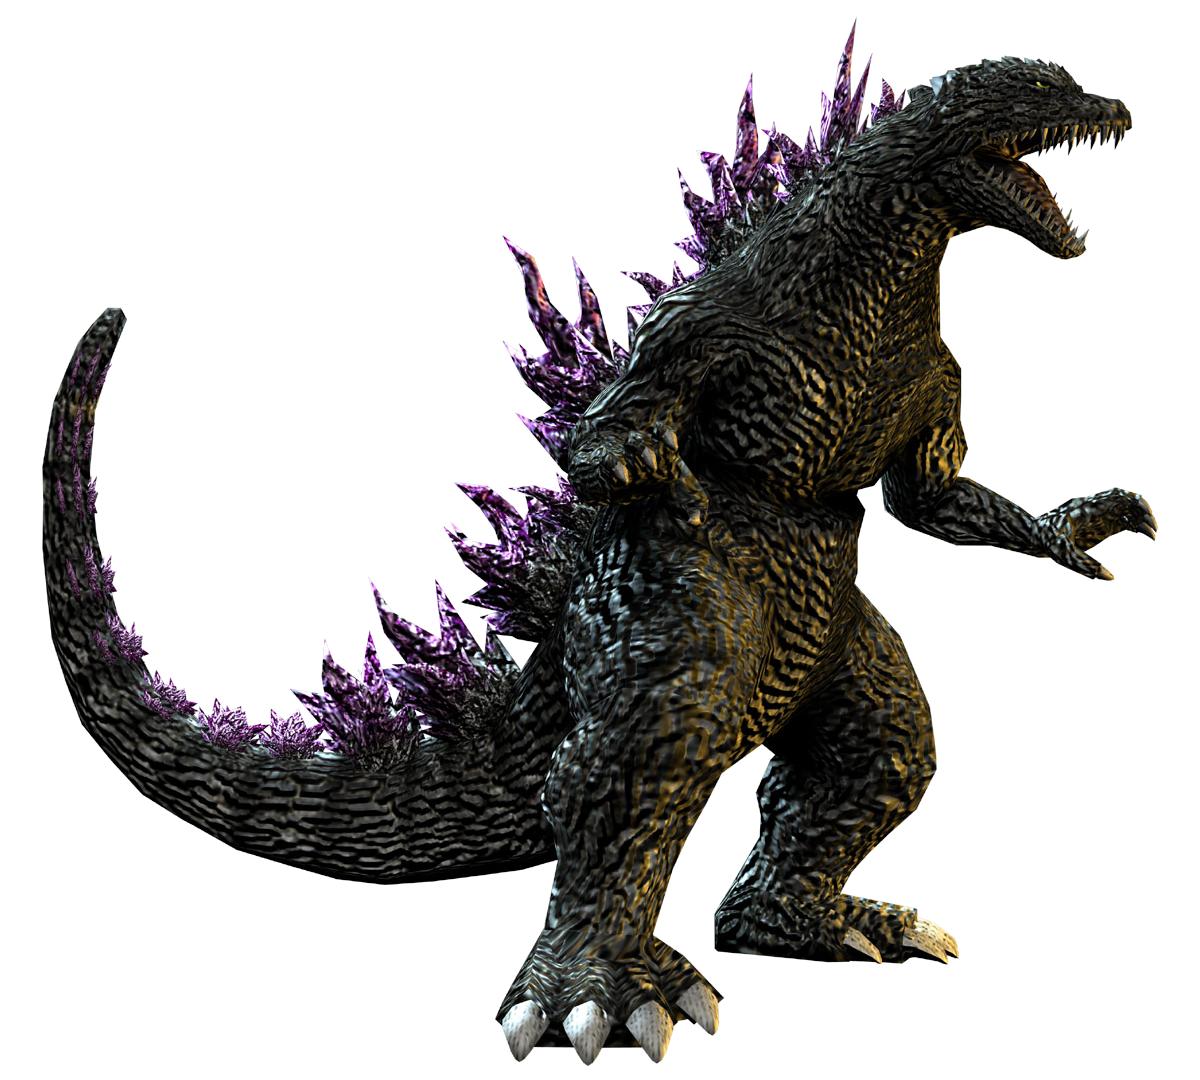 Image - Godzilla 2000 (Godzilla Unleashed).png   Gojipedia   FANDOM powered  by Wikia - Godzilla PNG